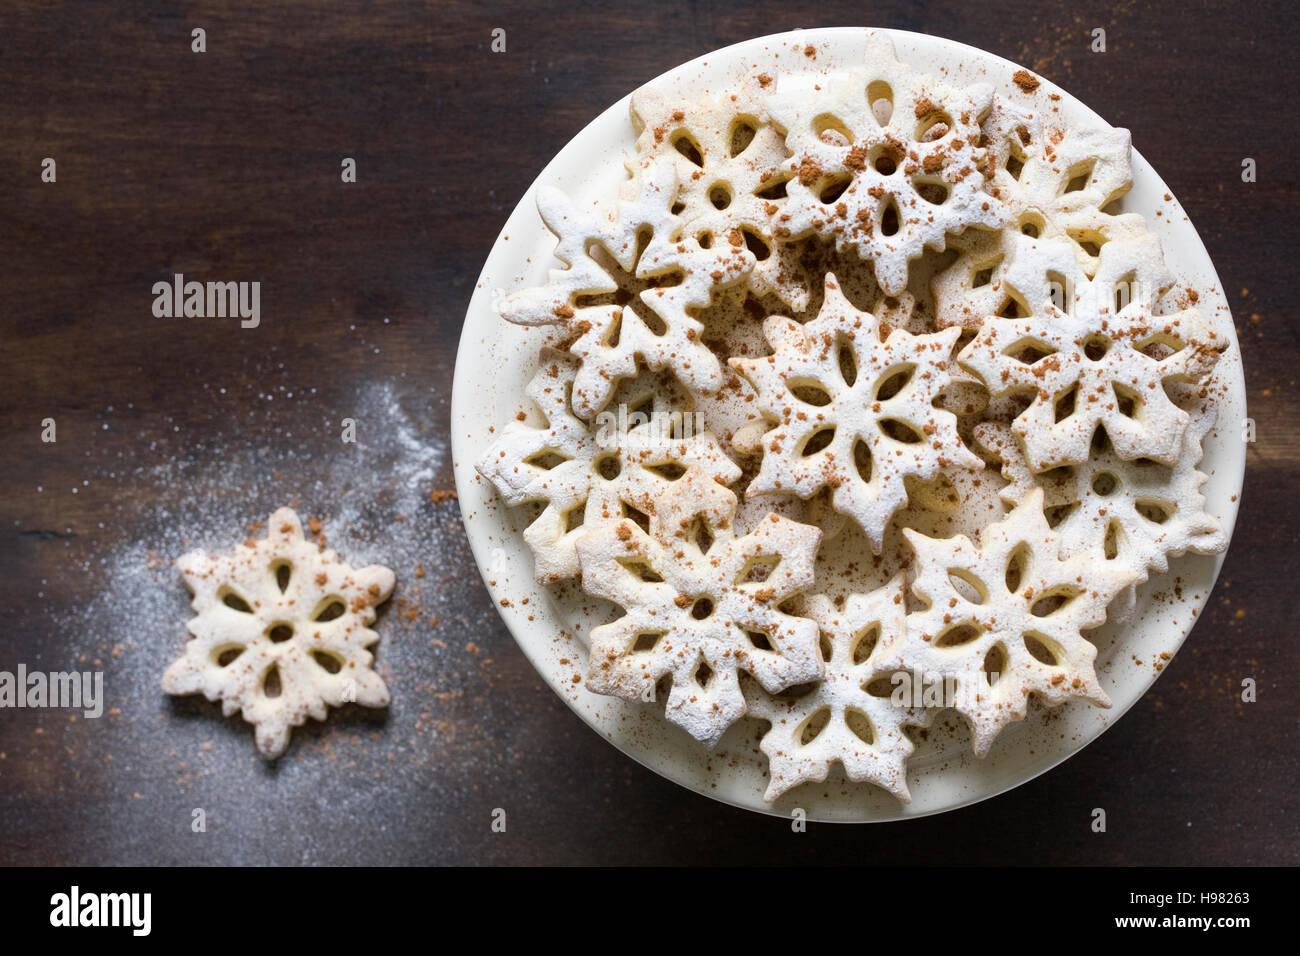 Copo de nieve caseros cookies en una placa. Foto de stock